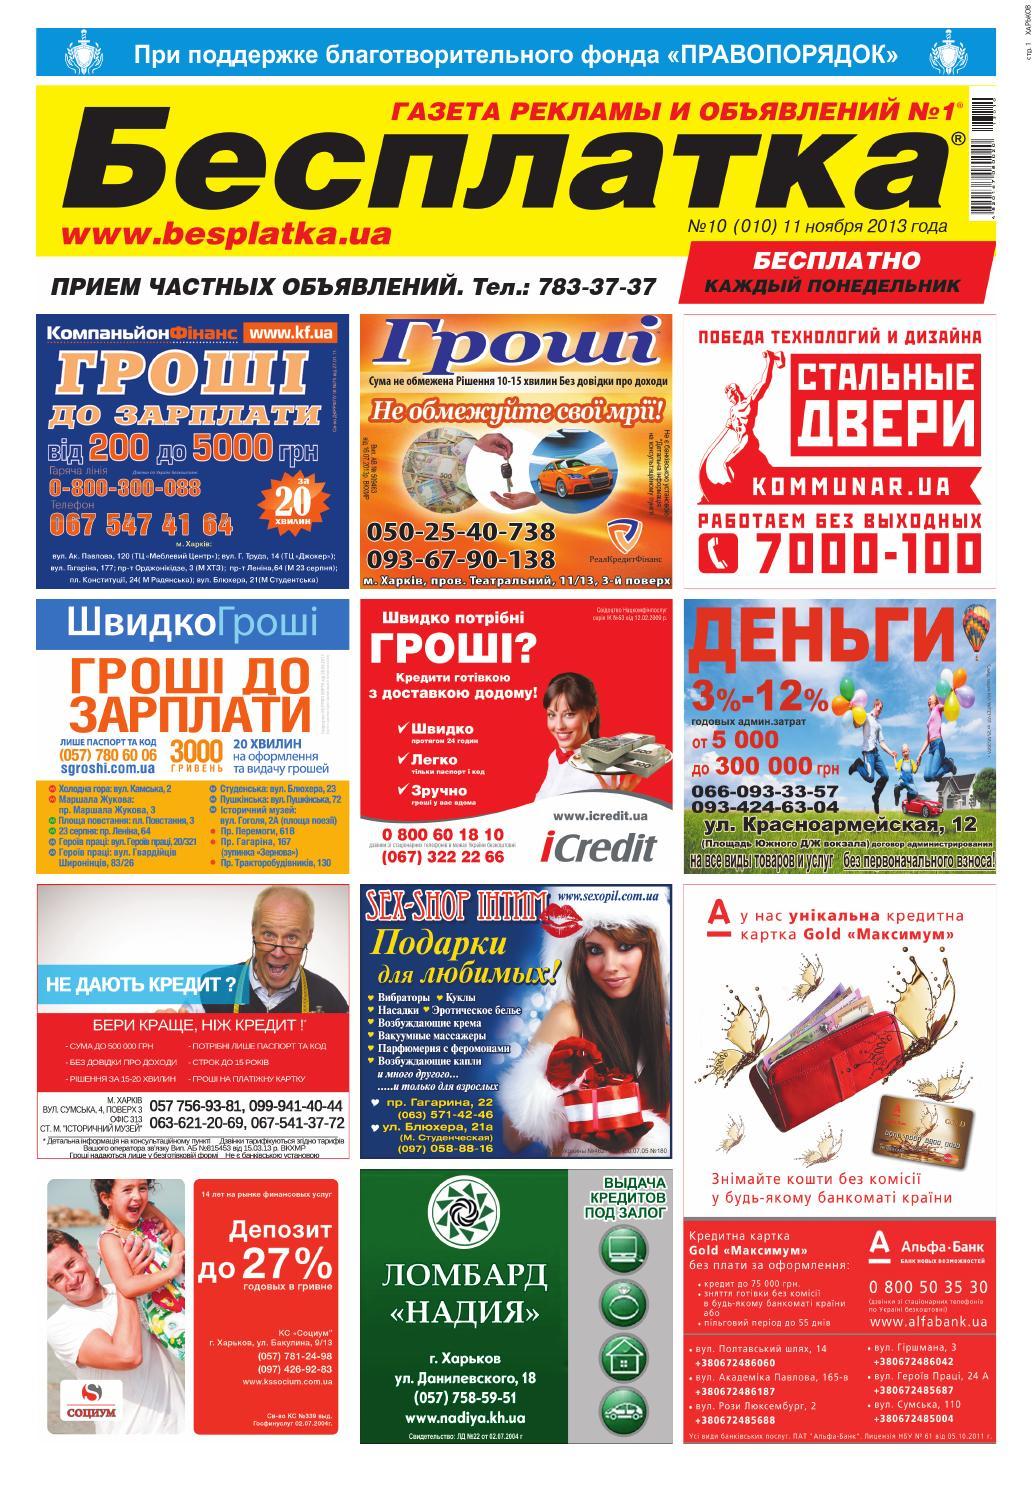 Курская обл артюховка колпаково история